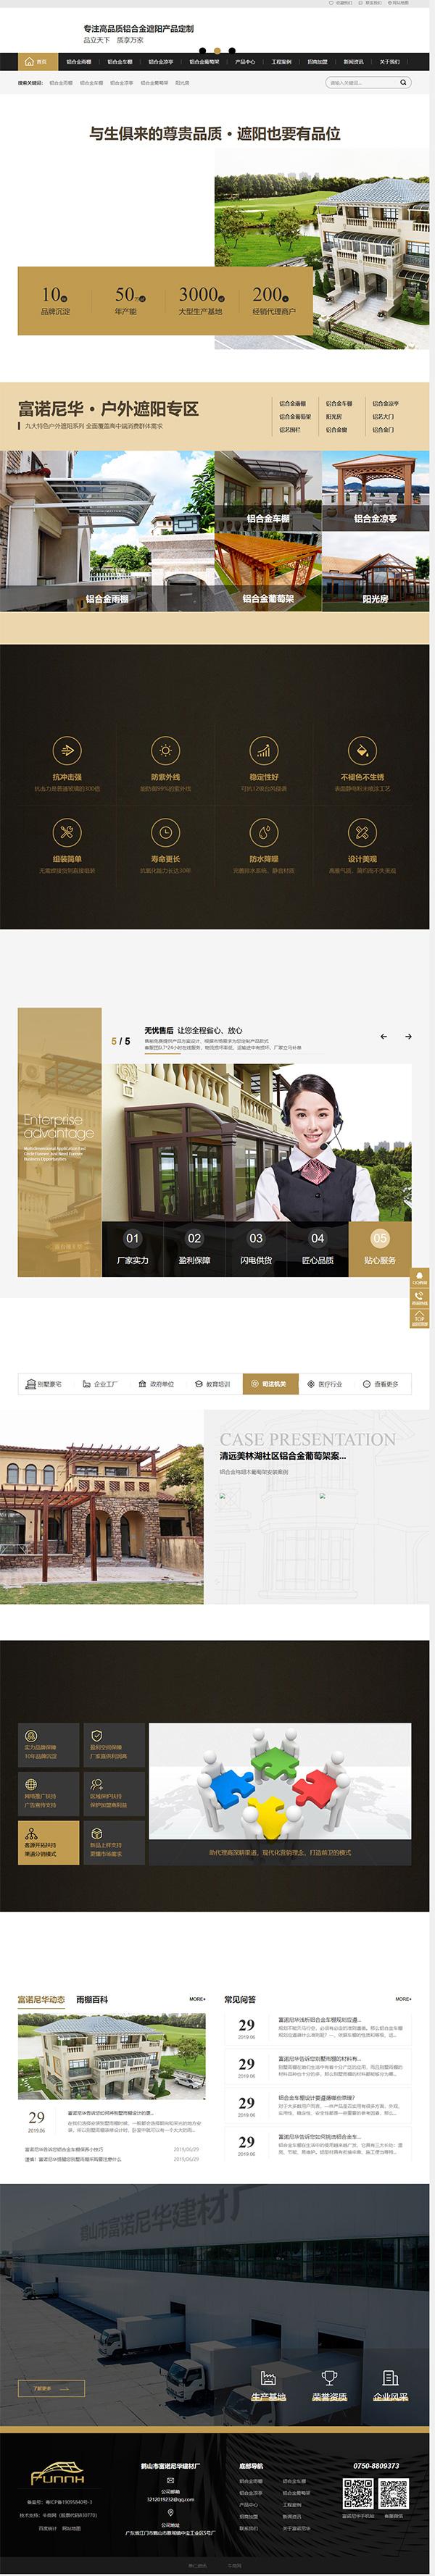 富诺尼华建材厂营销型网站案例展示